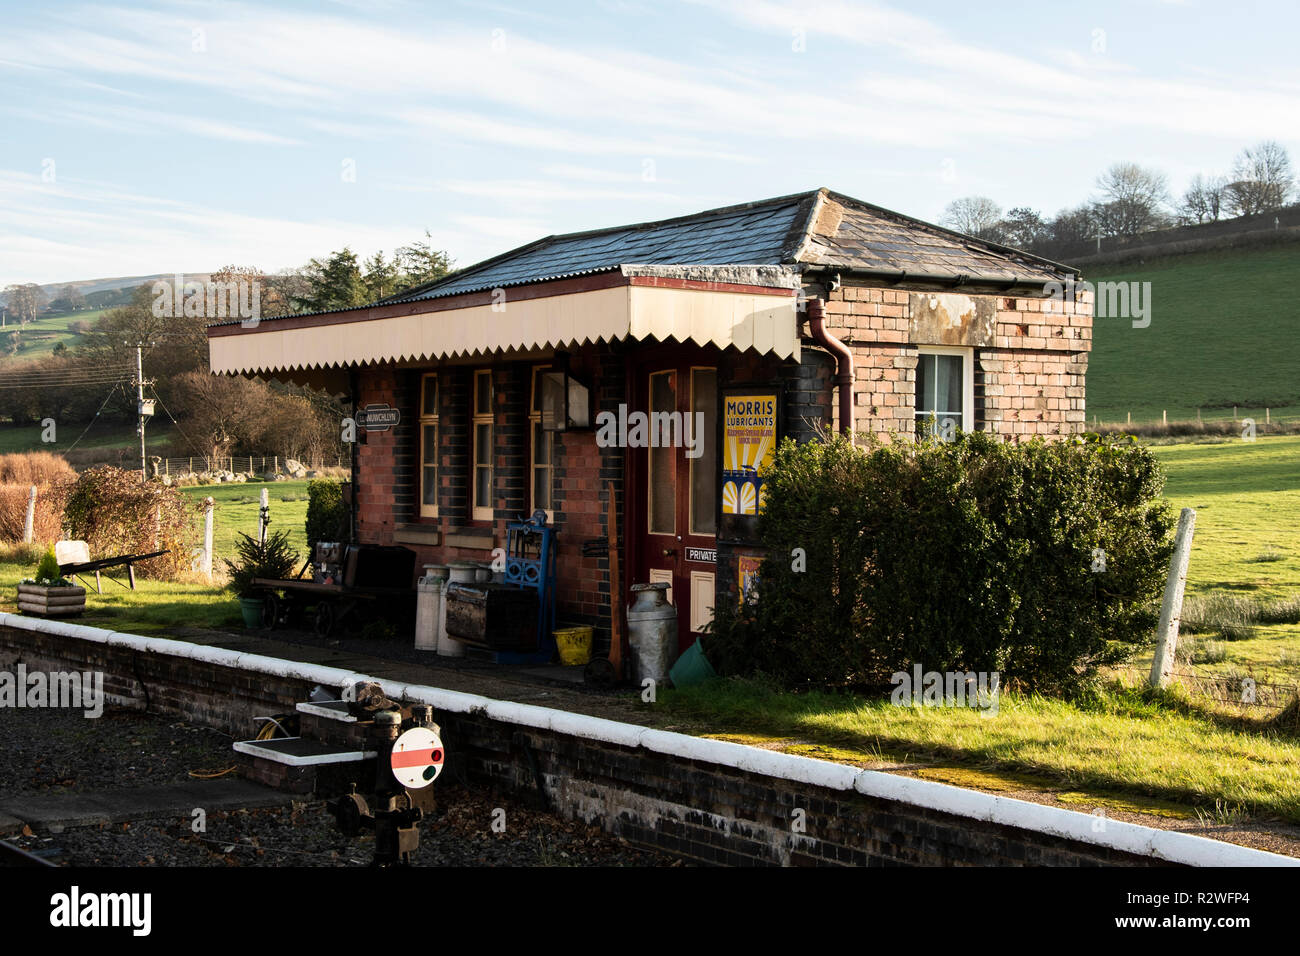 Bala Lake Railway - Stock Image